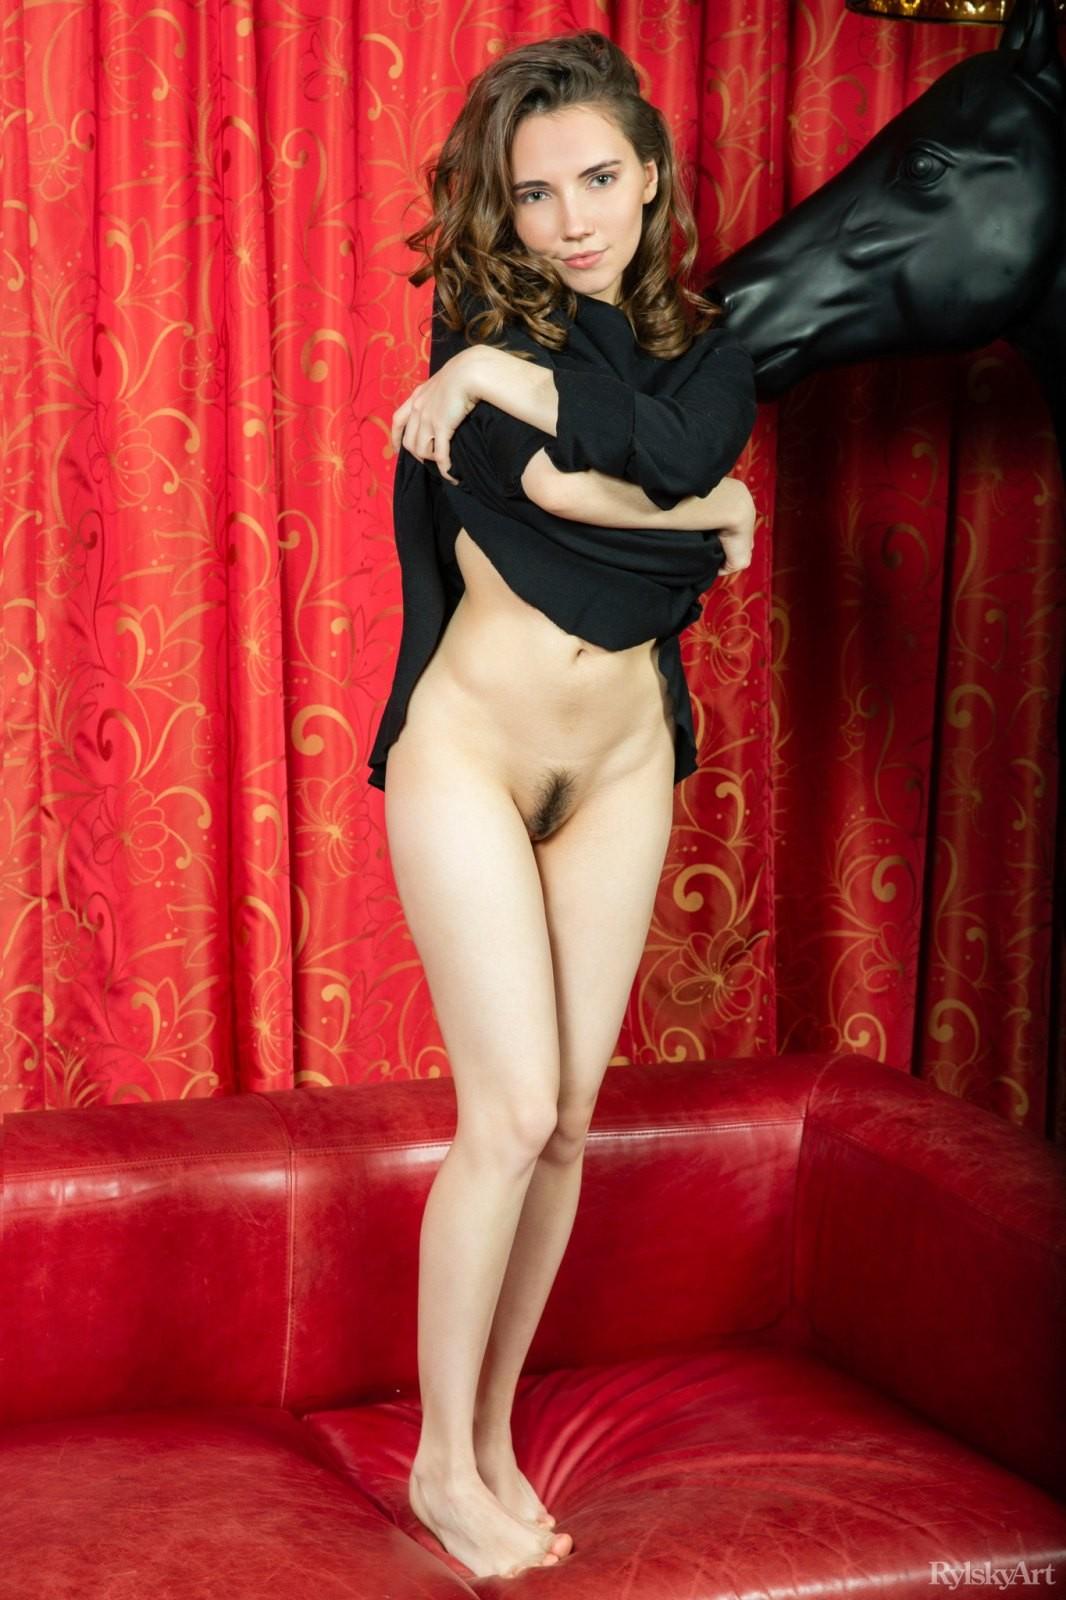 Голожопая девица на диване - фото